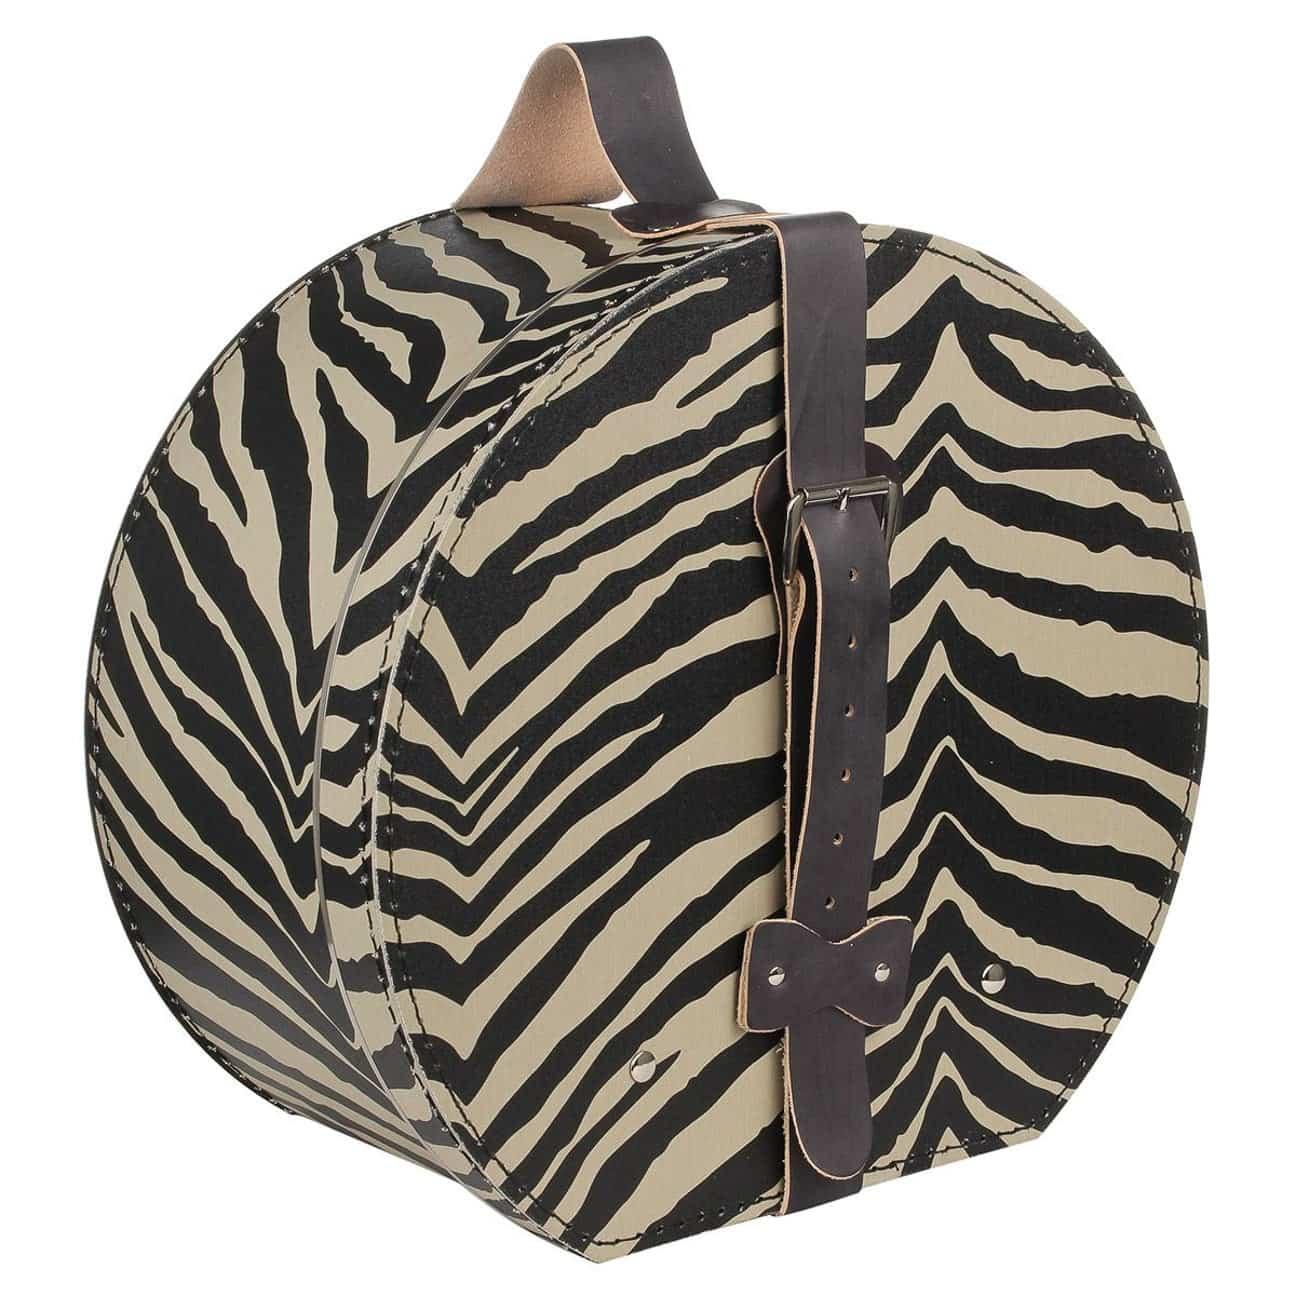 Caja para Sombrero Cebra by Lierys